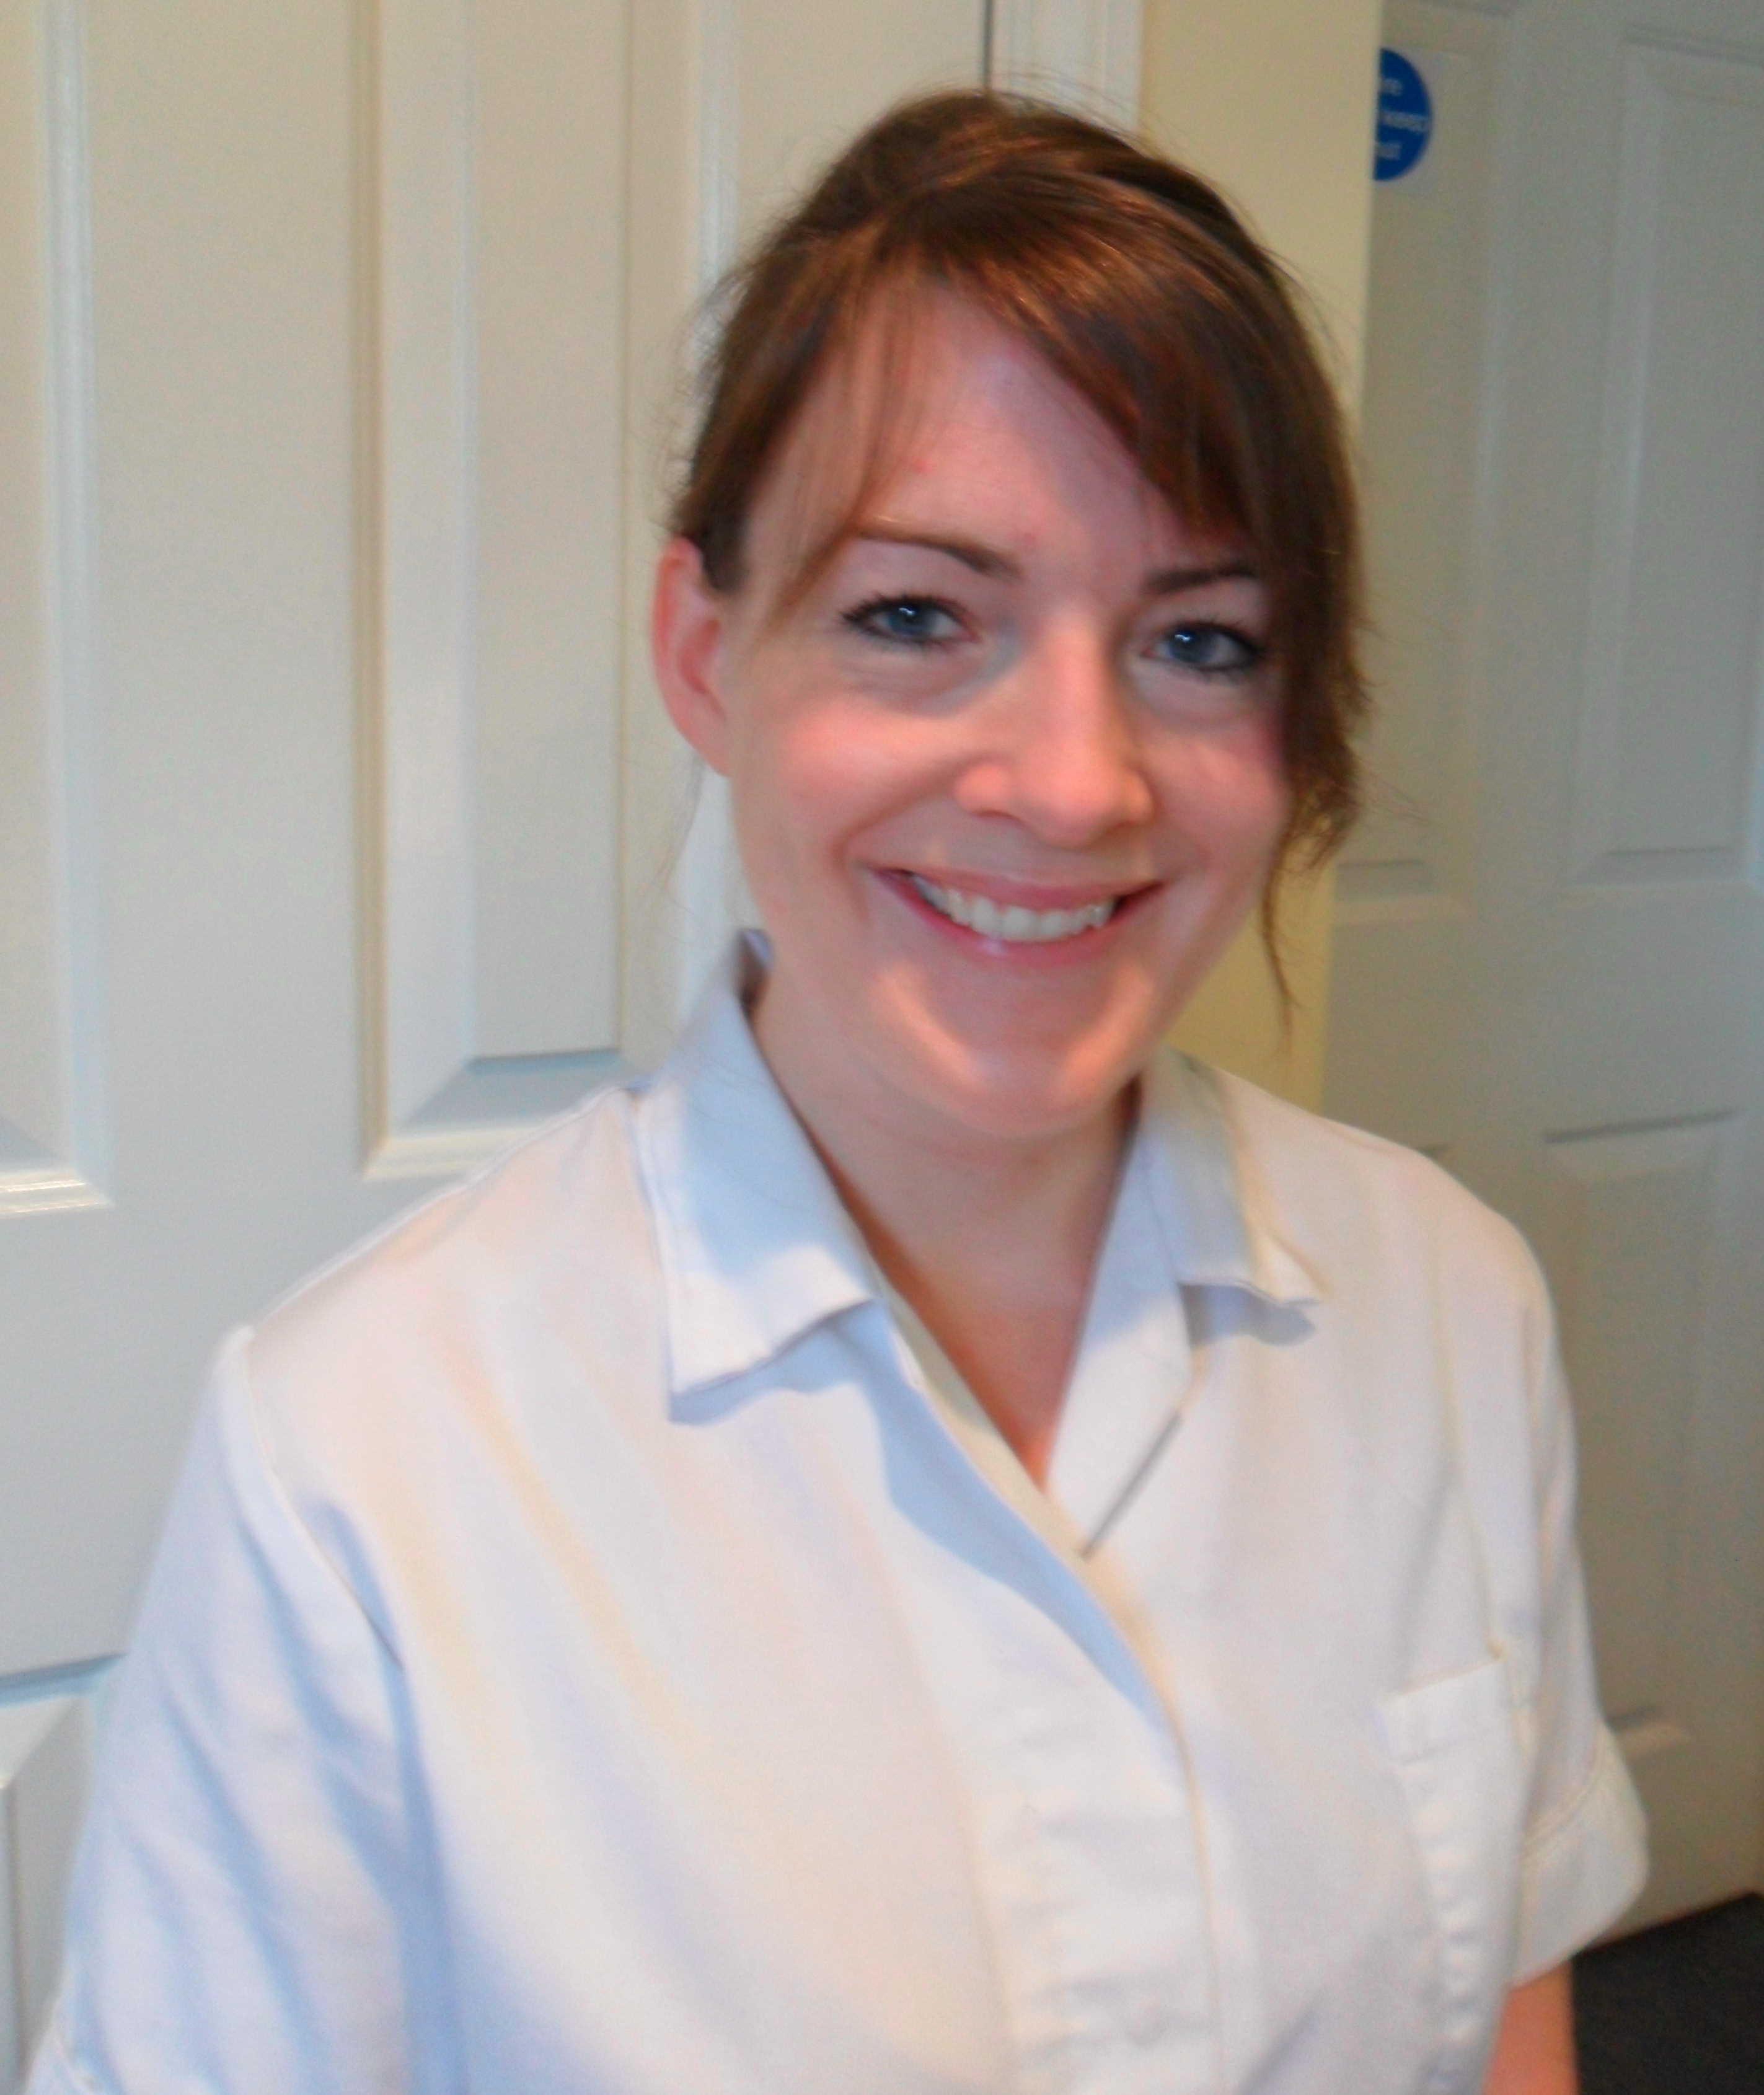 Cheltenham Chiropractor Catherine Owers